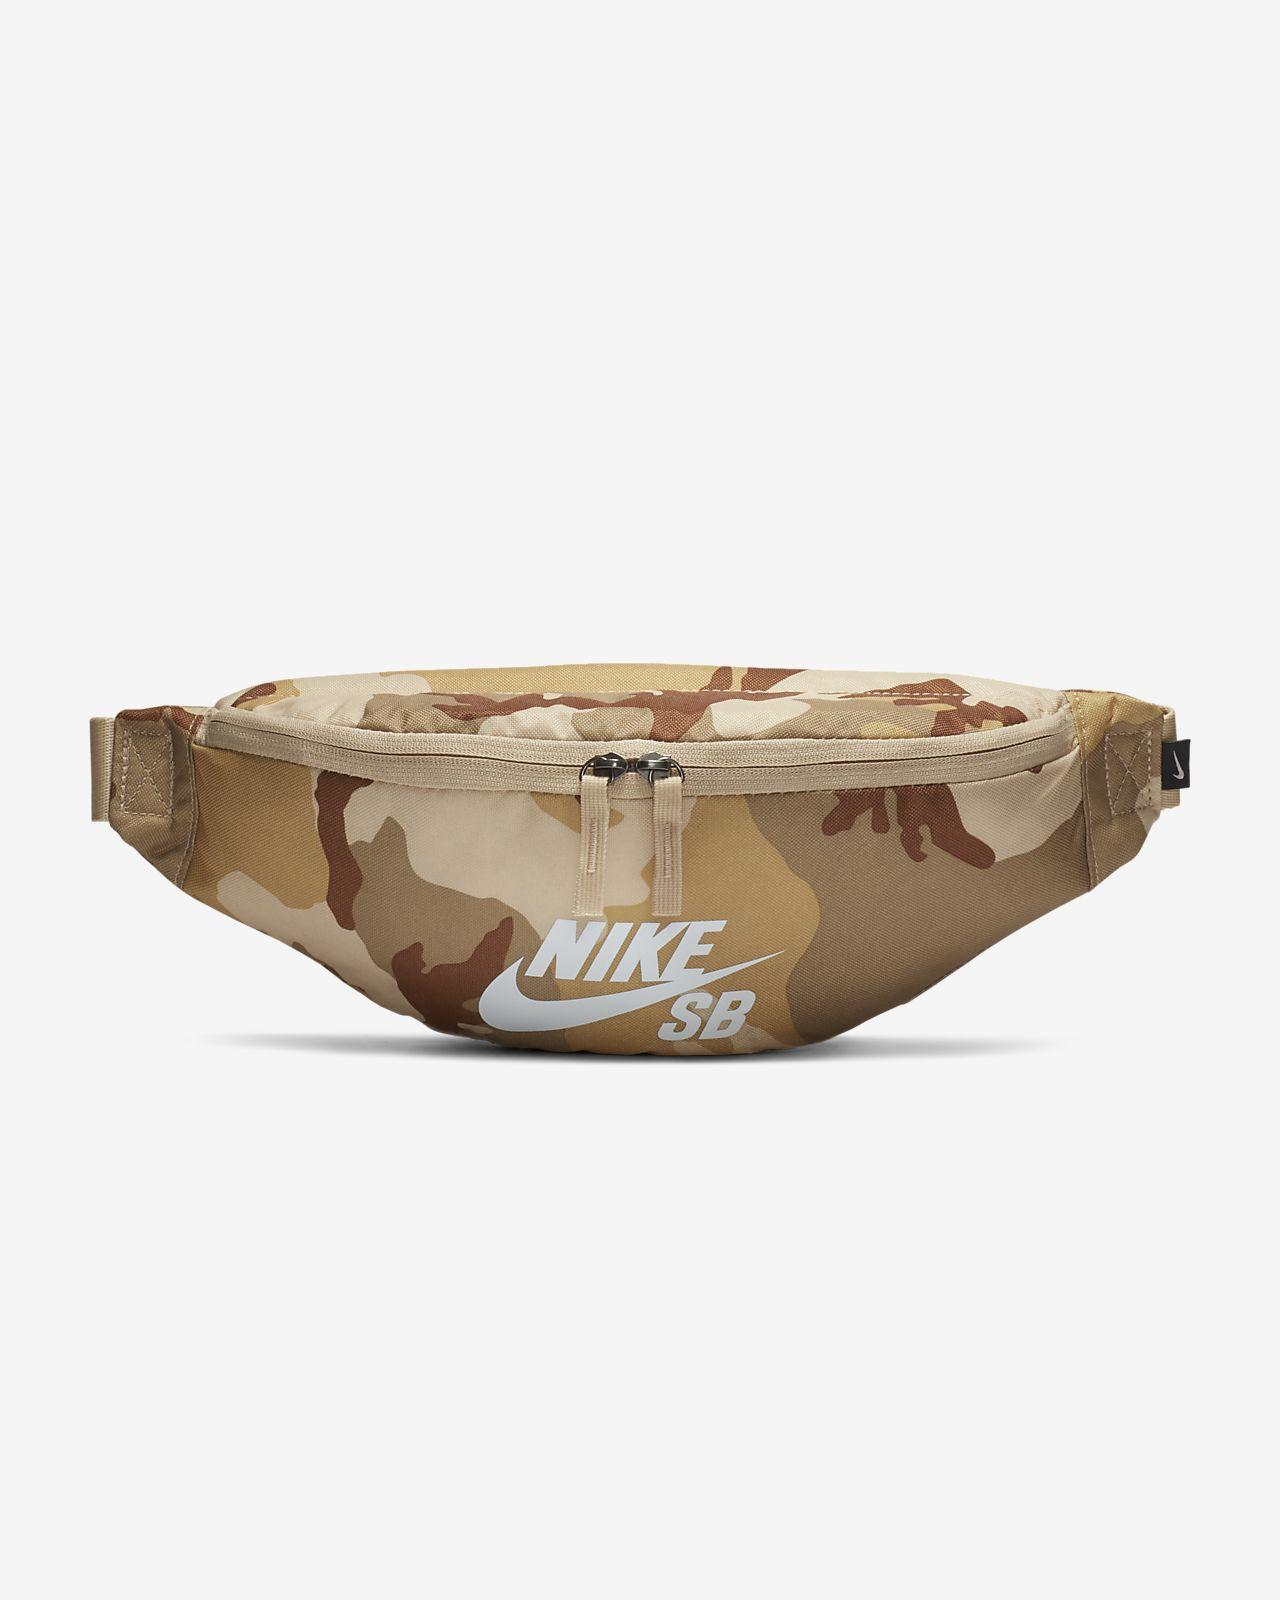 Nike SB Heritage mintás, gördeszkás övtáska (kisebb tárgyakhoz)